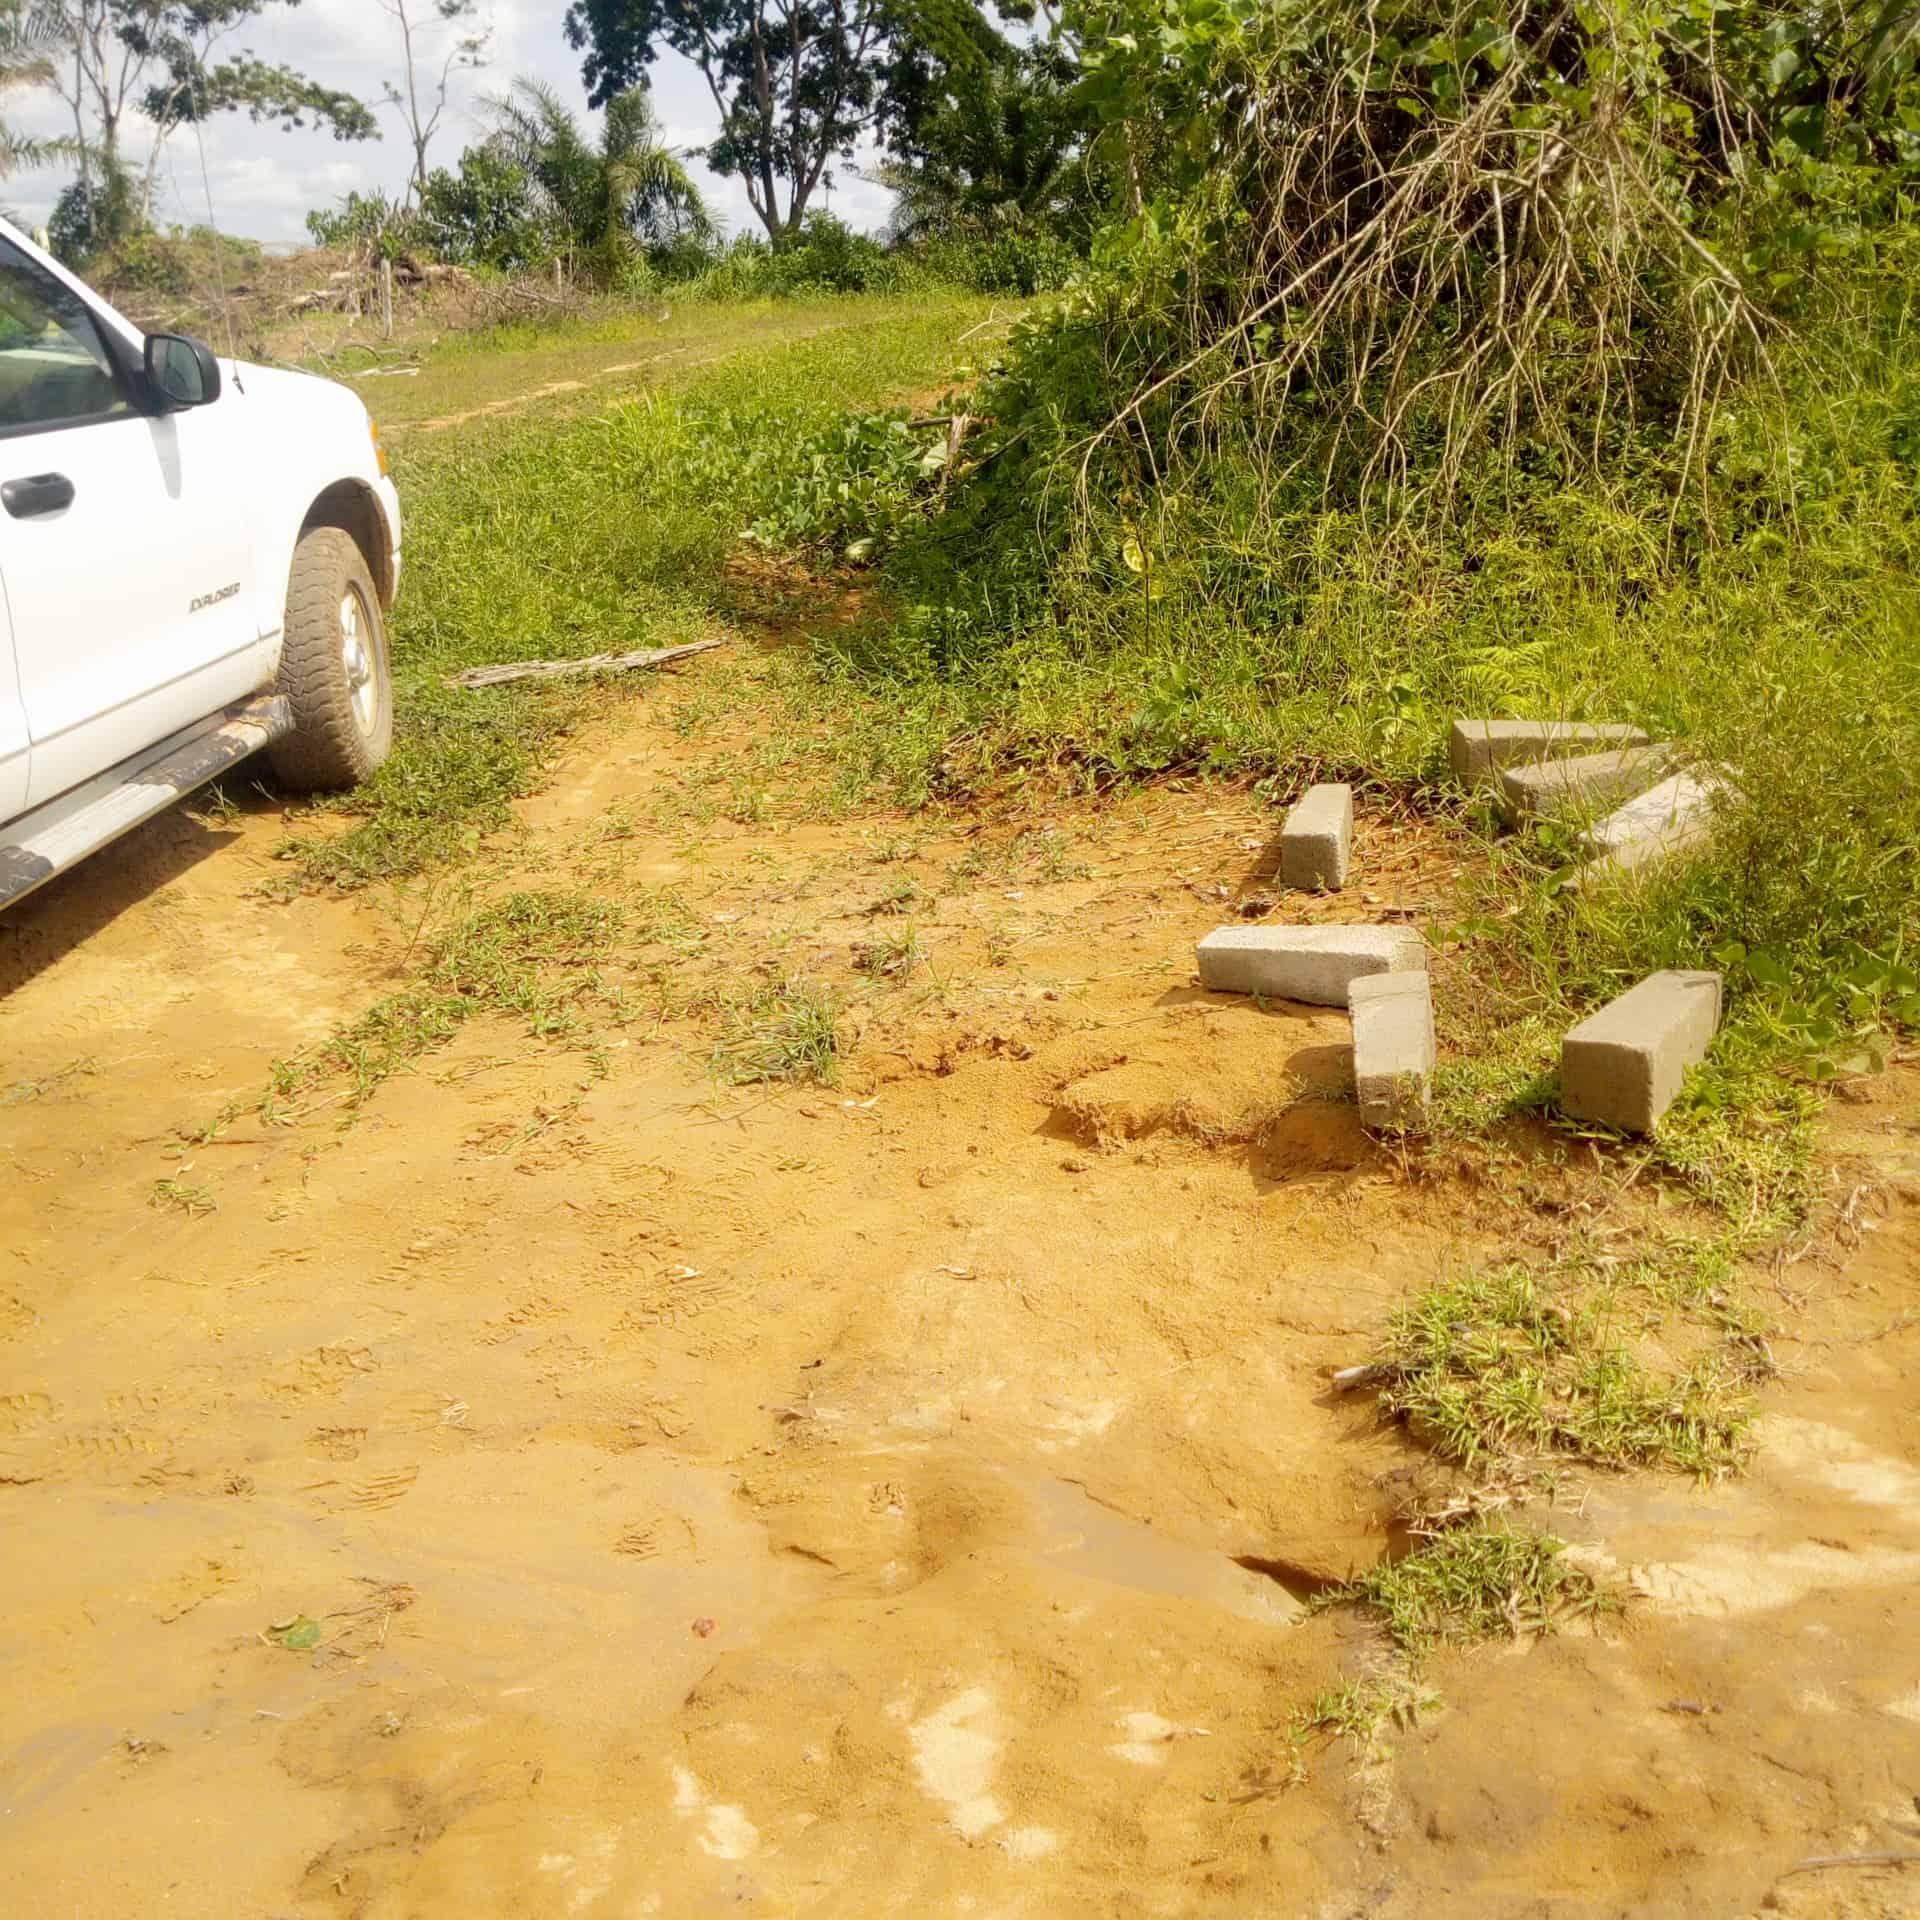 Land for sale at Douala, PK 24, Contrôle de police - 6000 m2 - 6 000 000 FCFA